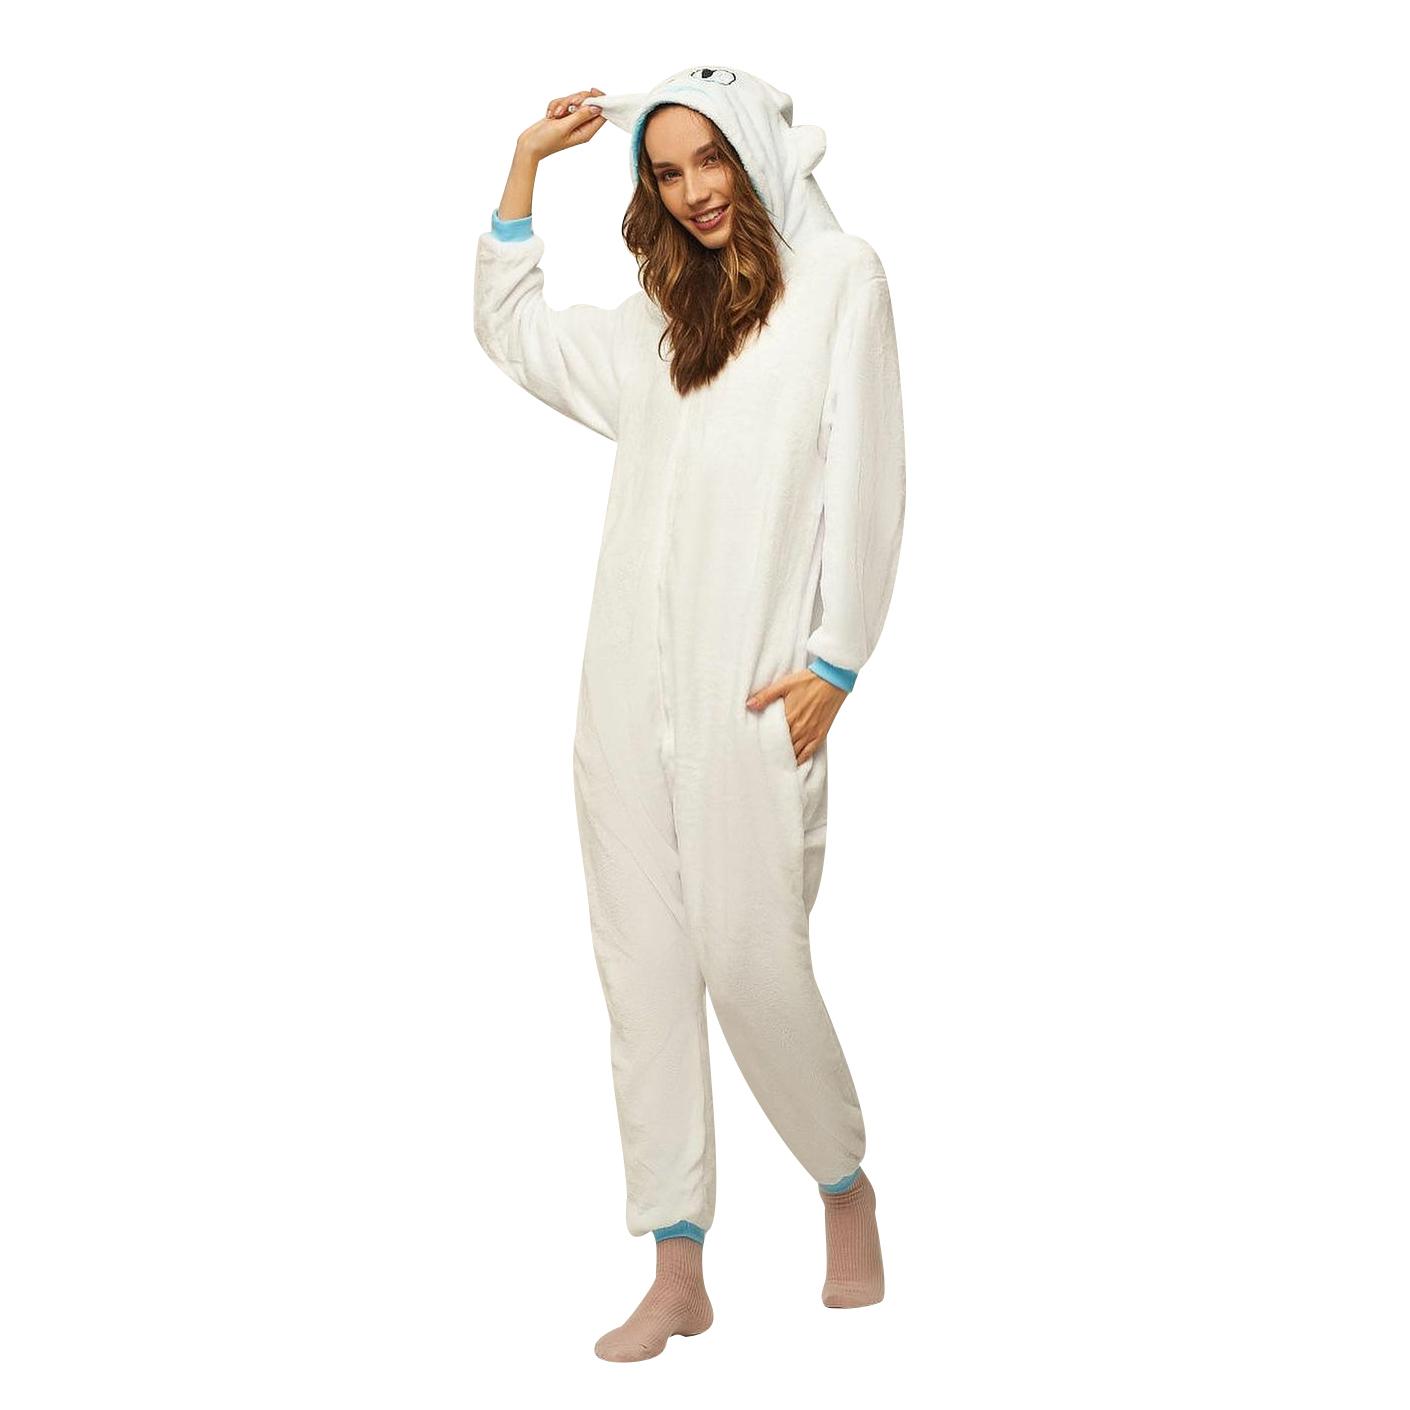 Пижамы для детей Белая фурия детский фурия.jpg